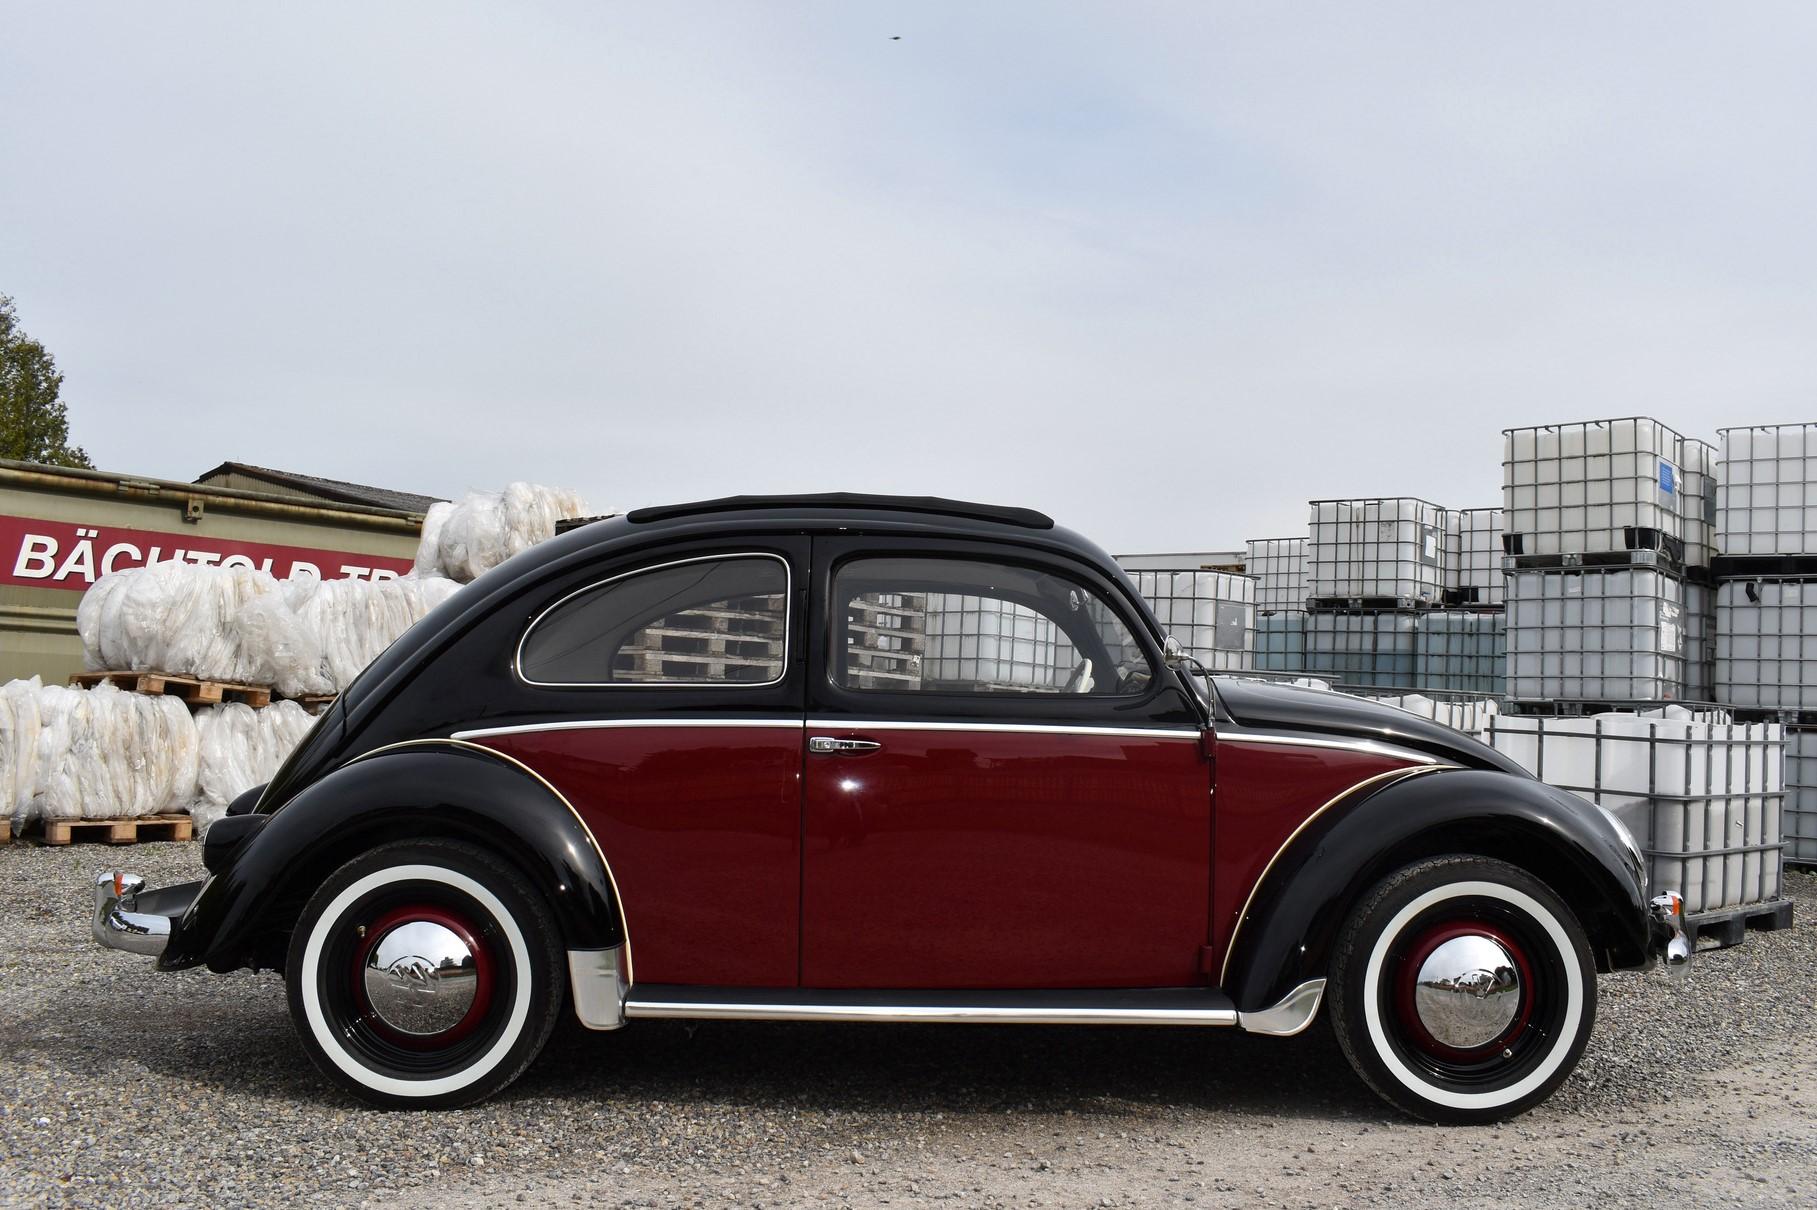 Schwarz roter VW Käfer Ovali Beetle Bug Typ 1 aus dem Jahre 1953 mit Faltdach in Seitenansicht vor Plastikcontainer mit Kiessplit